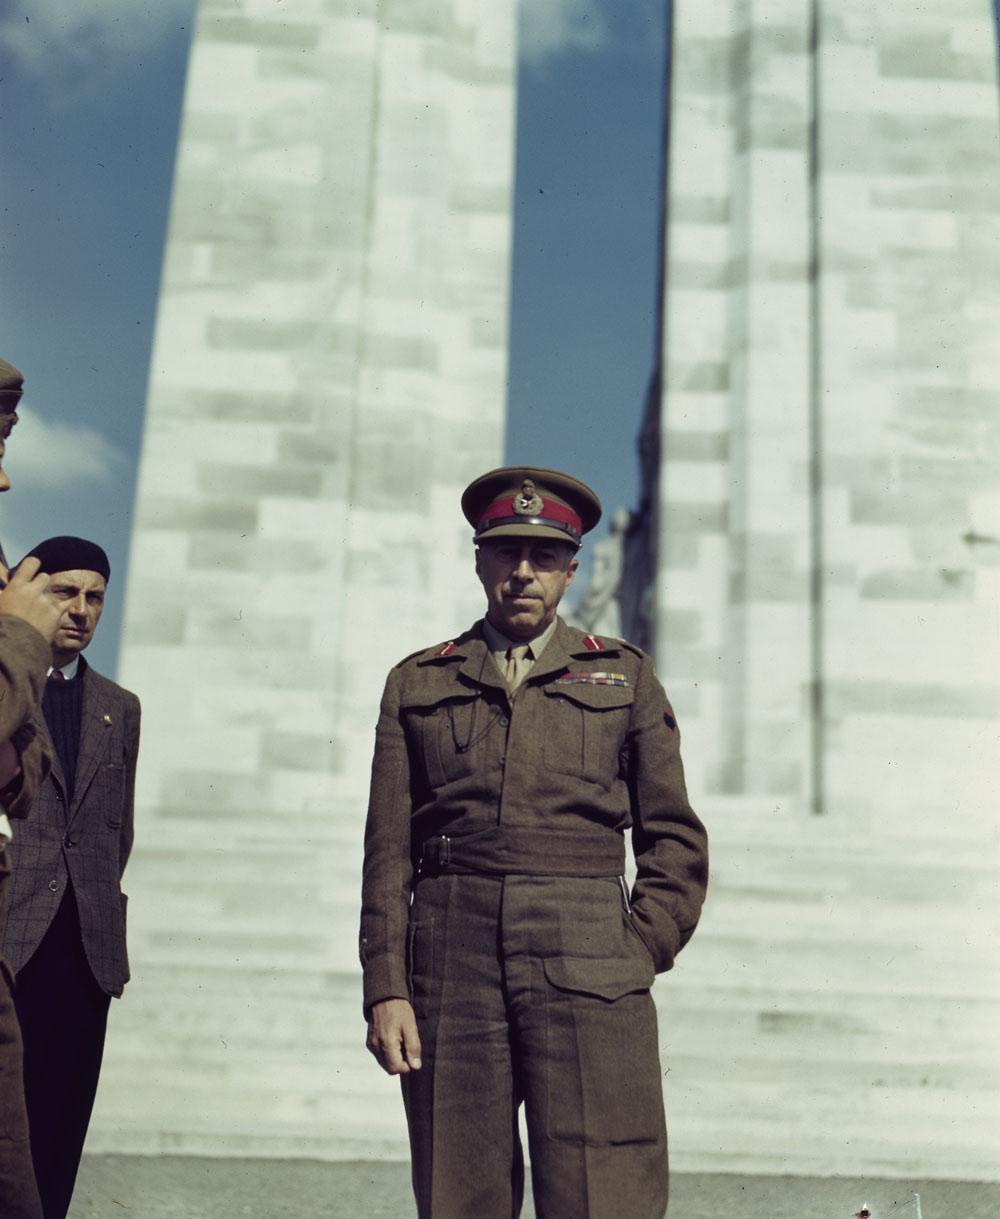 Photographie en couleurs d'un militaire en uniforme debout devant un monument commémoratif de guerre en maçonnerie. Juste à gauche, un homme portant un veston en tweed et un béret est partiellement visible.